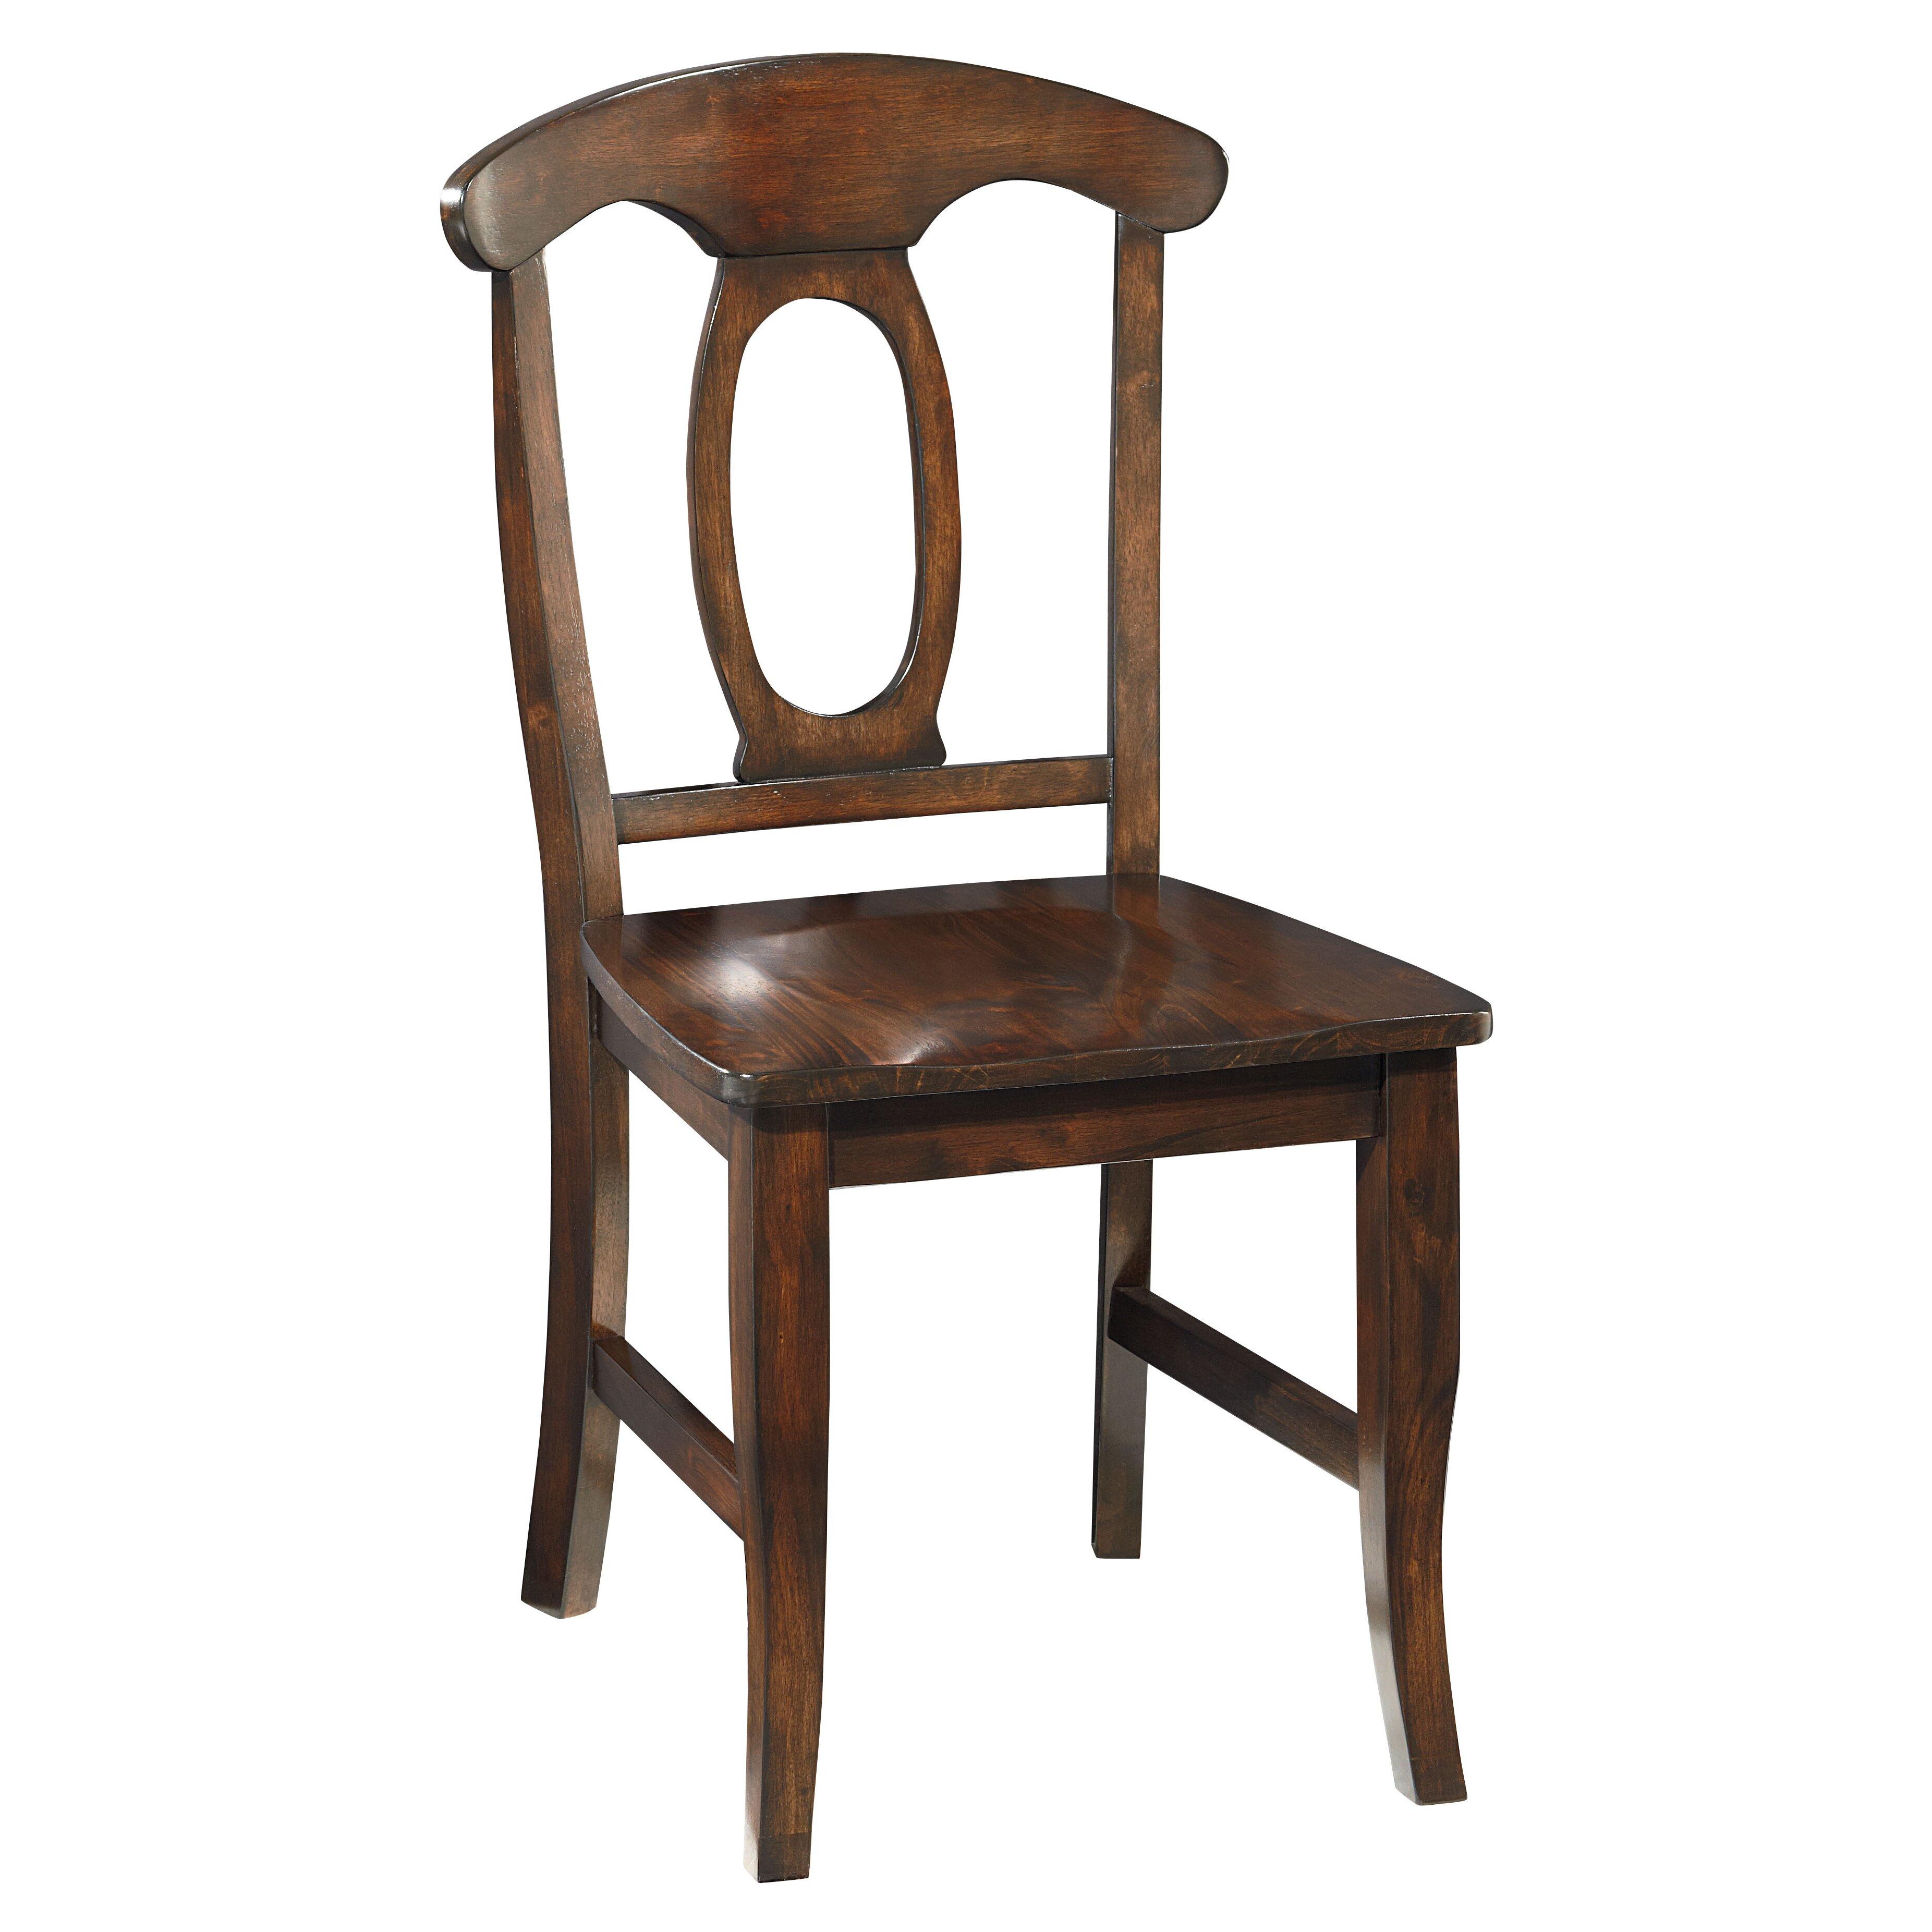 Standard furniture larkin side chair reviews wayfair for Wayfair shop furniture